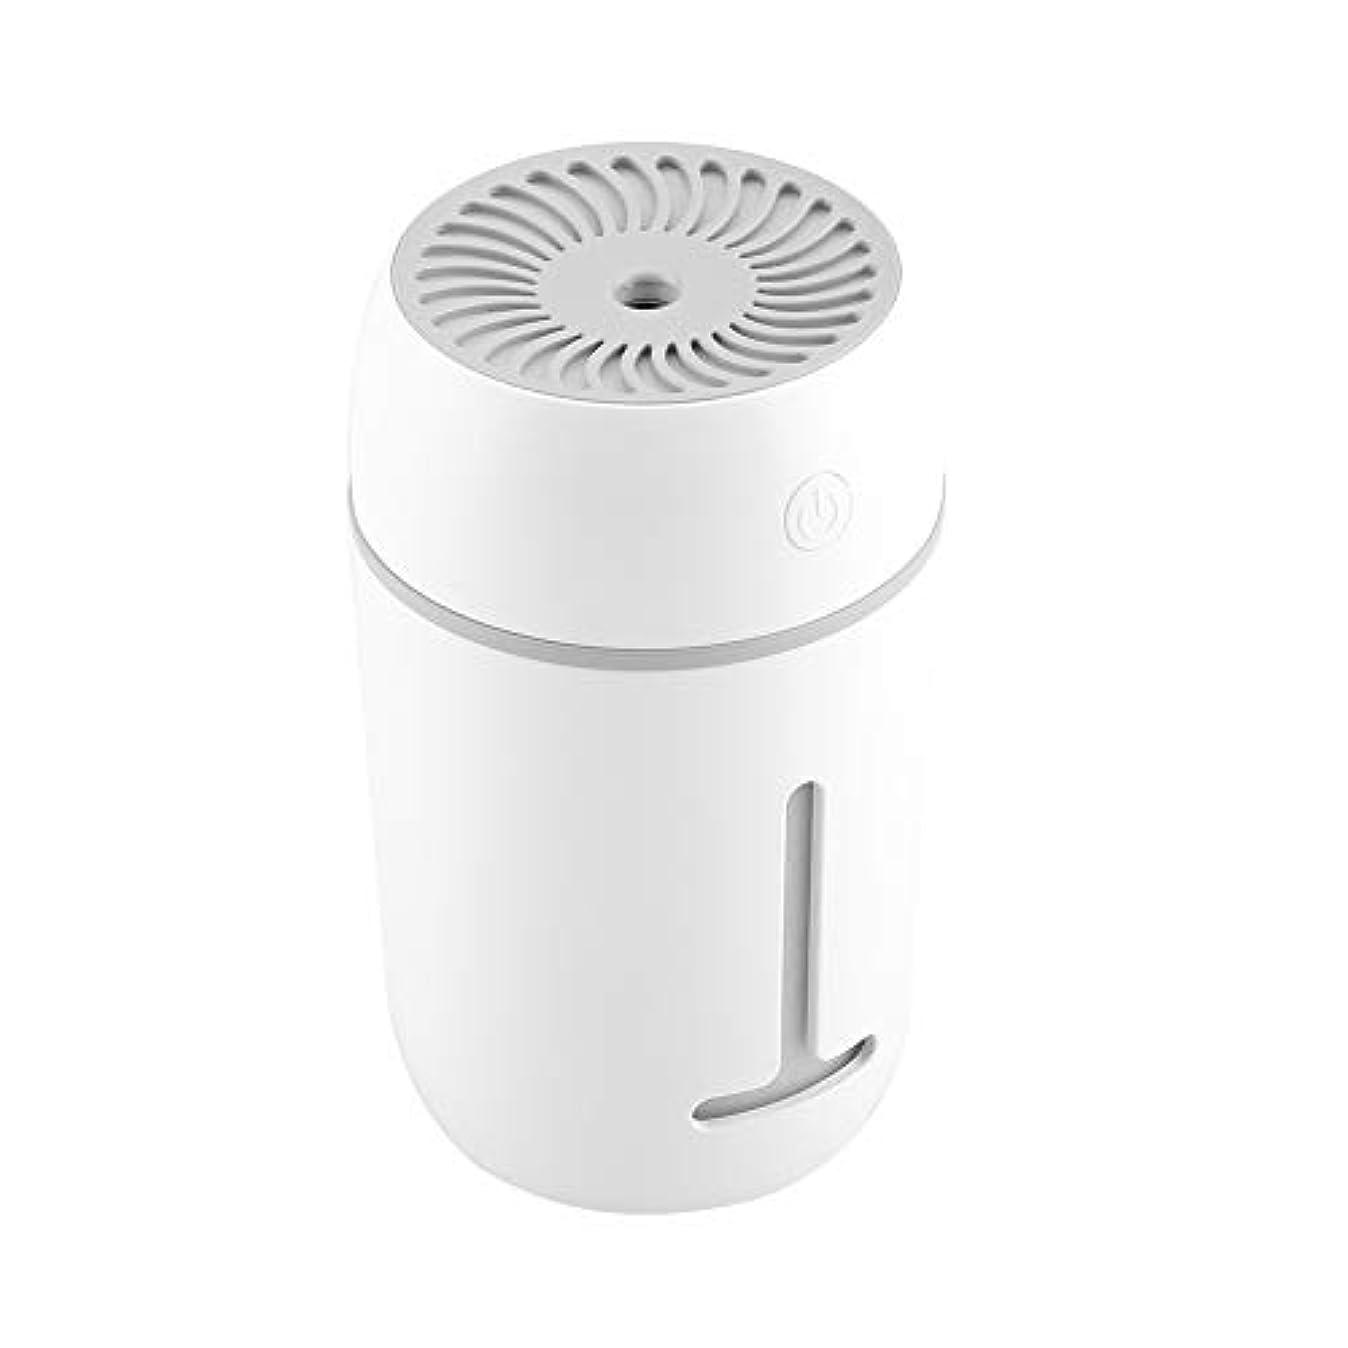 携帯用加湿器、車のオフィスのためのUSBの再充電可能な携帯用超音波加湿器の拡散器7色LEDライト